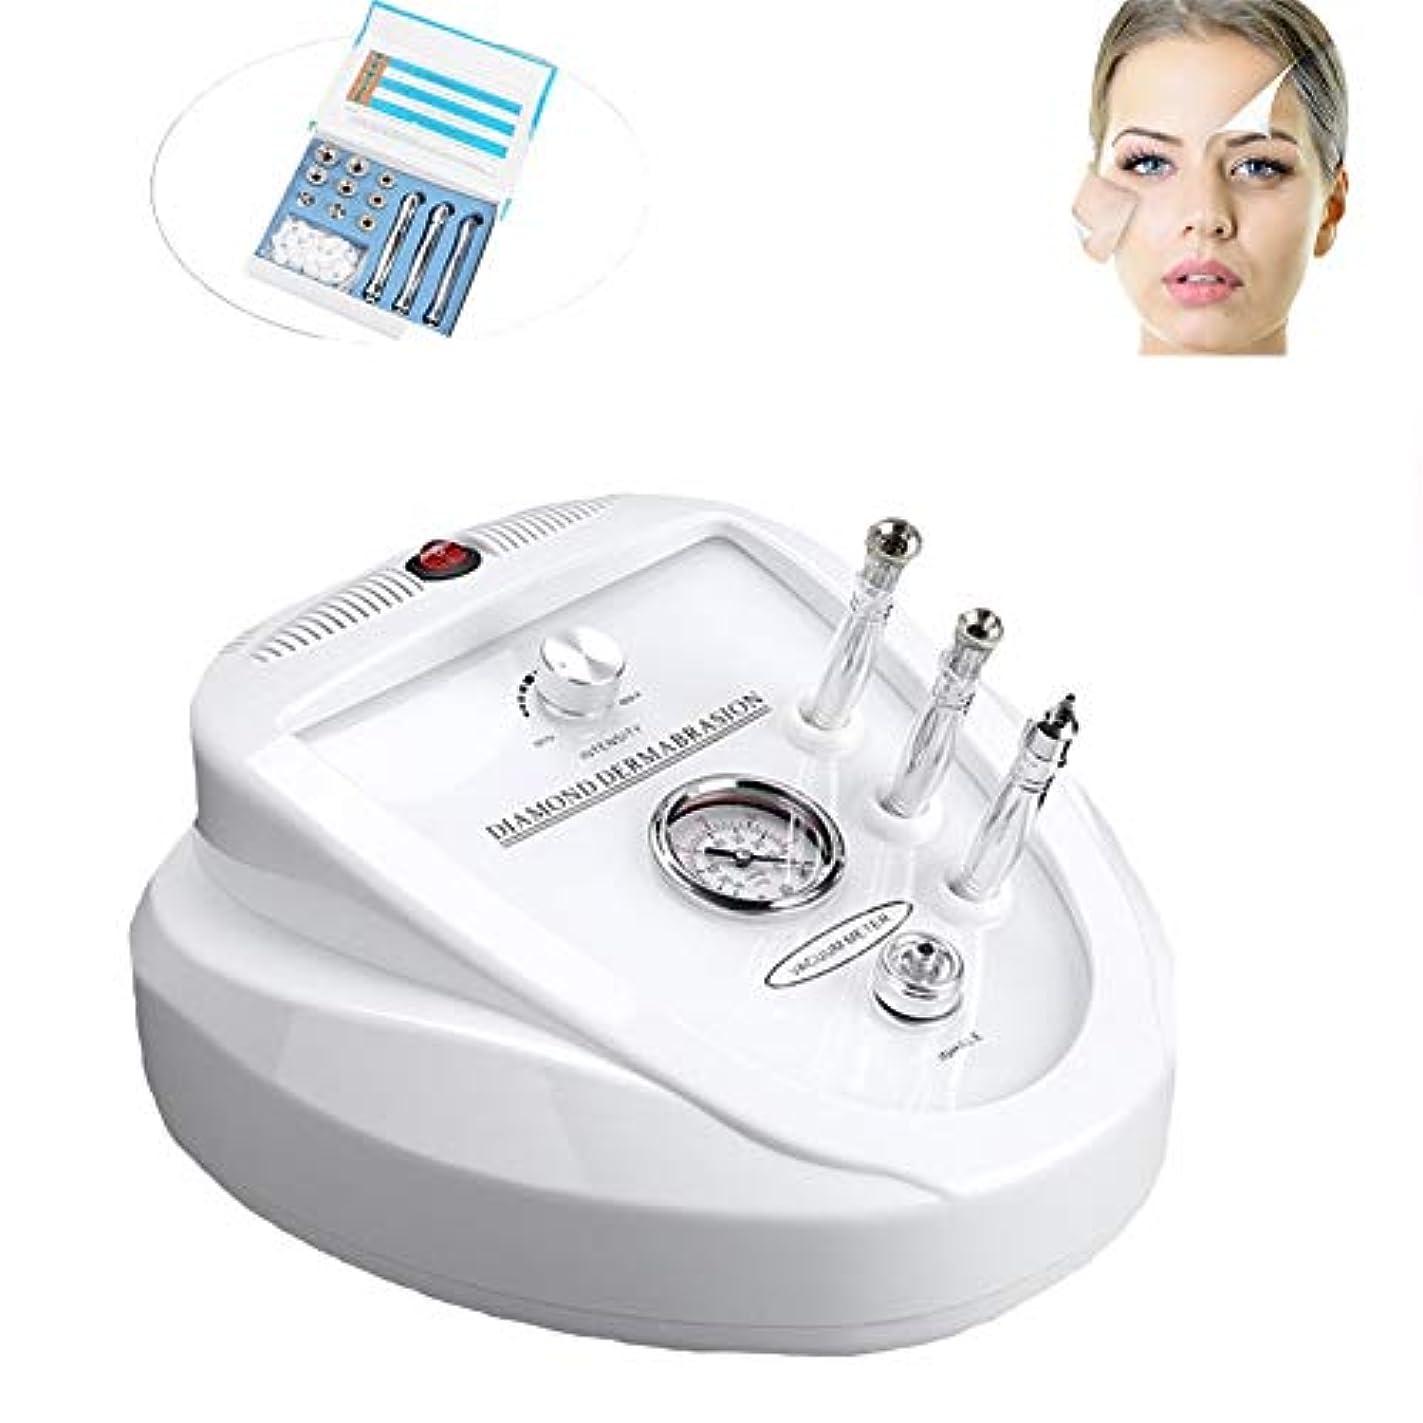 シェーバー徴収作者3-1 - ダイヤモンド皮膚剥離マイクロダーマブレーションマシン剥離皮膚更新機器